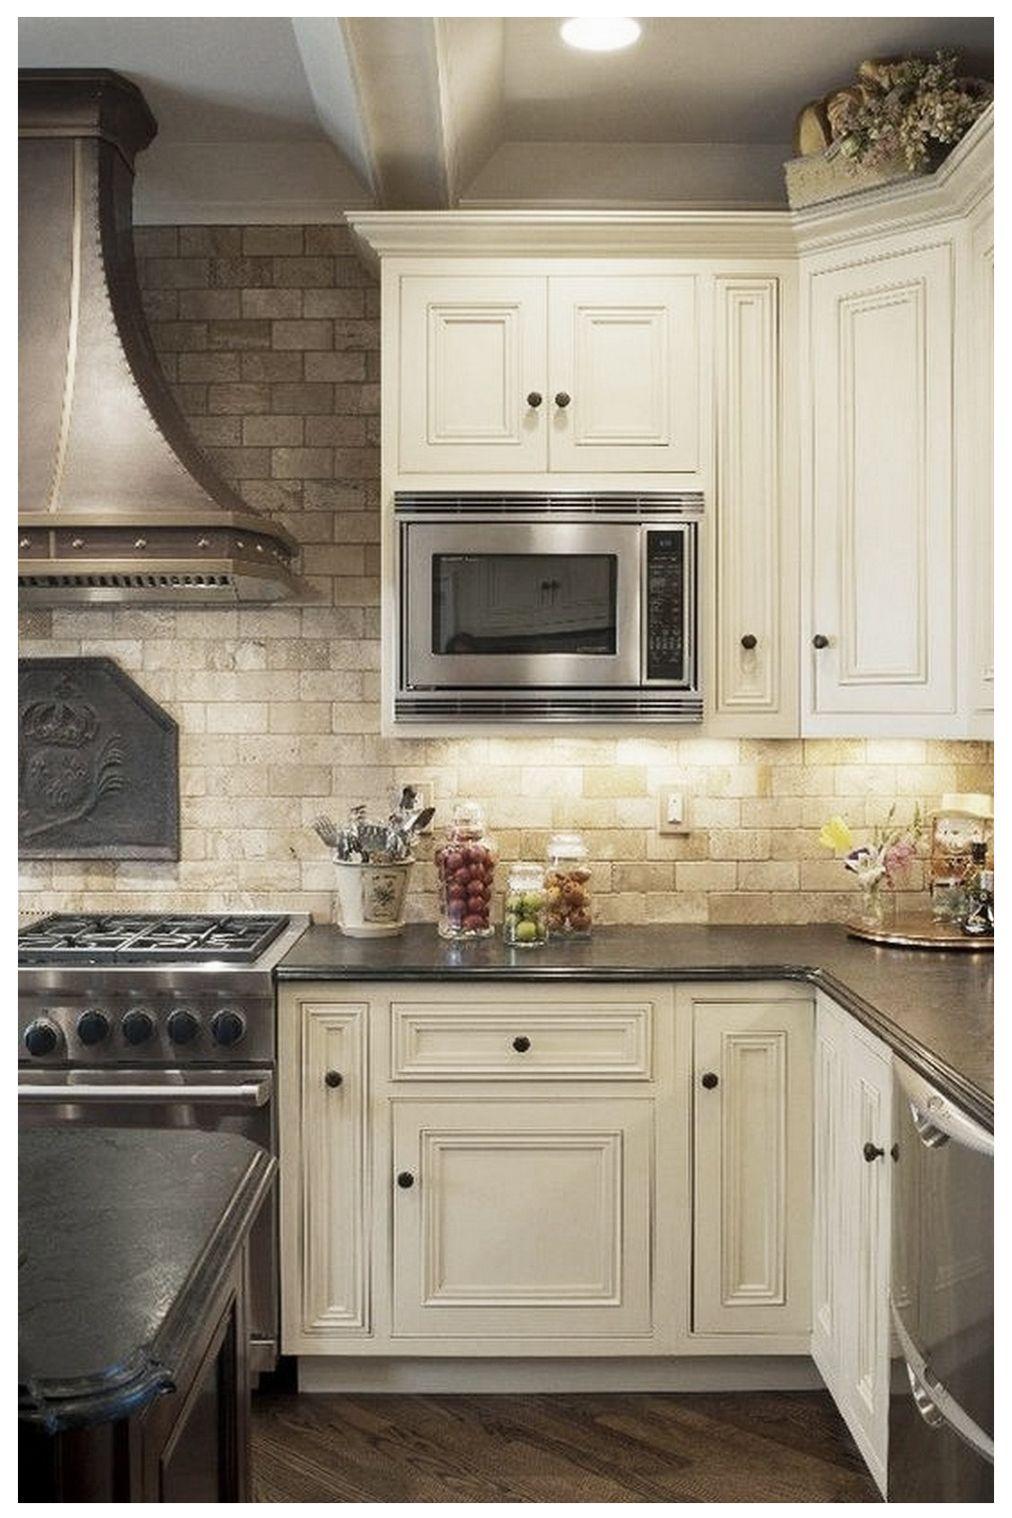 20 Insanely Beautiful Mediterranean Kitchen Design Elements Ideas Mediterranean Kitchen Design Modern White Kitchen Cabinets Kitchen Backsplash Designs